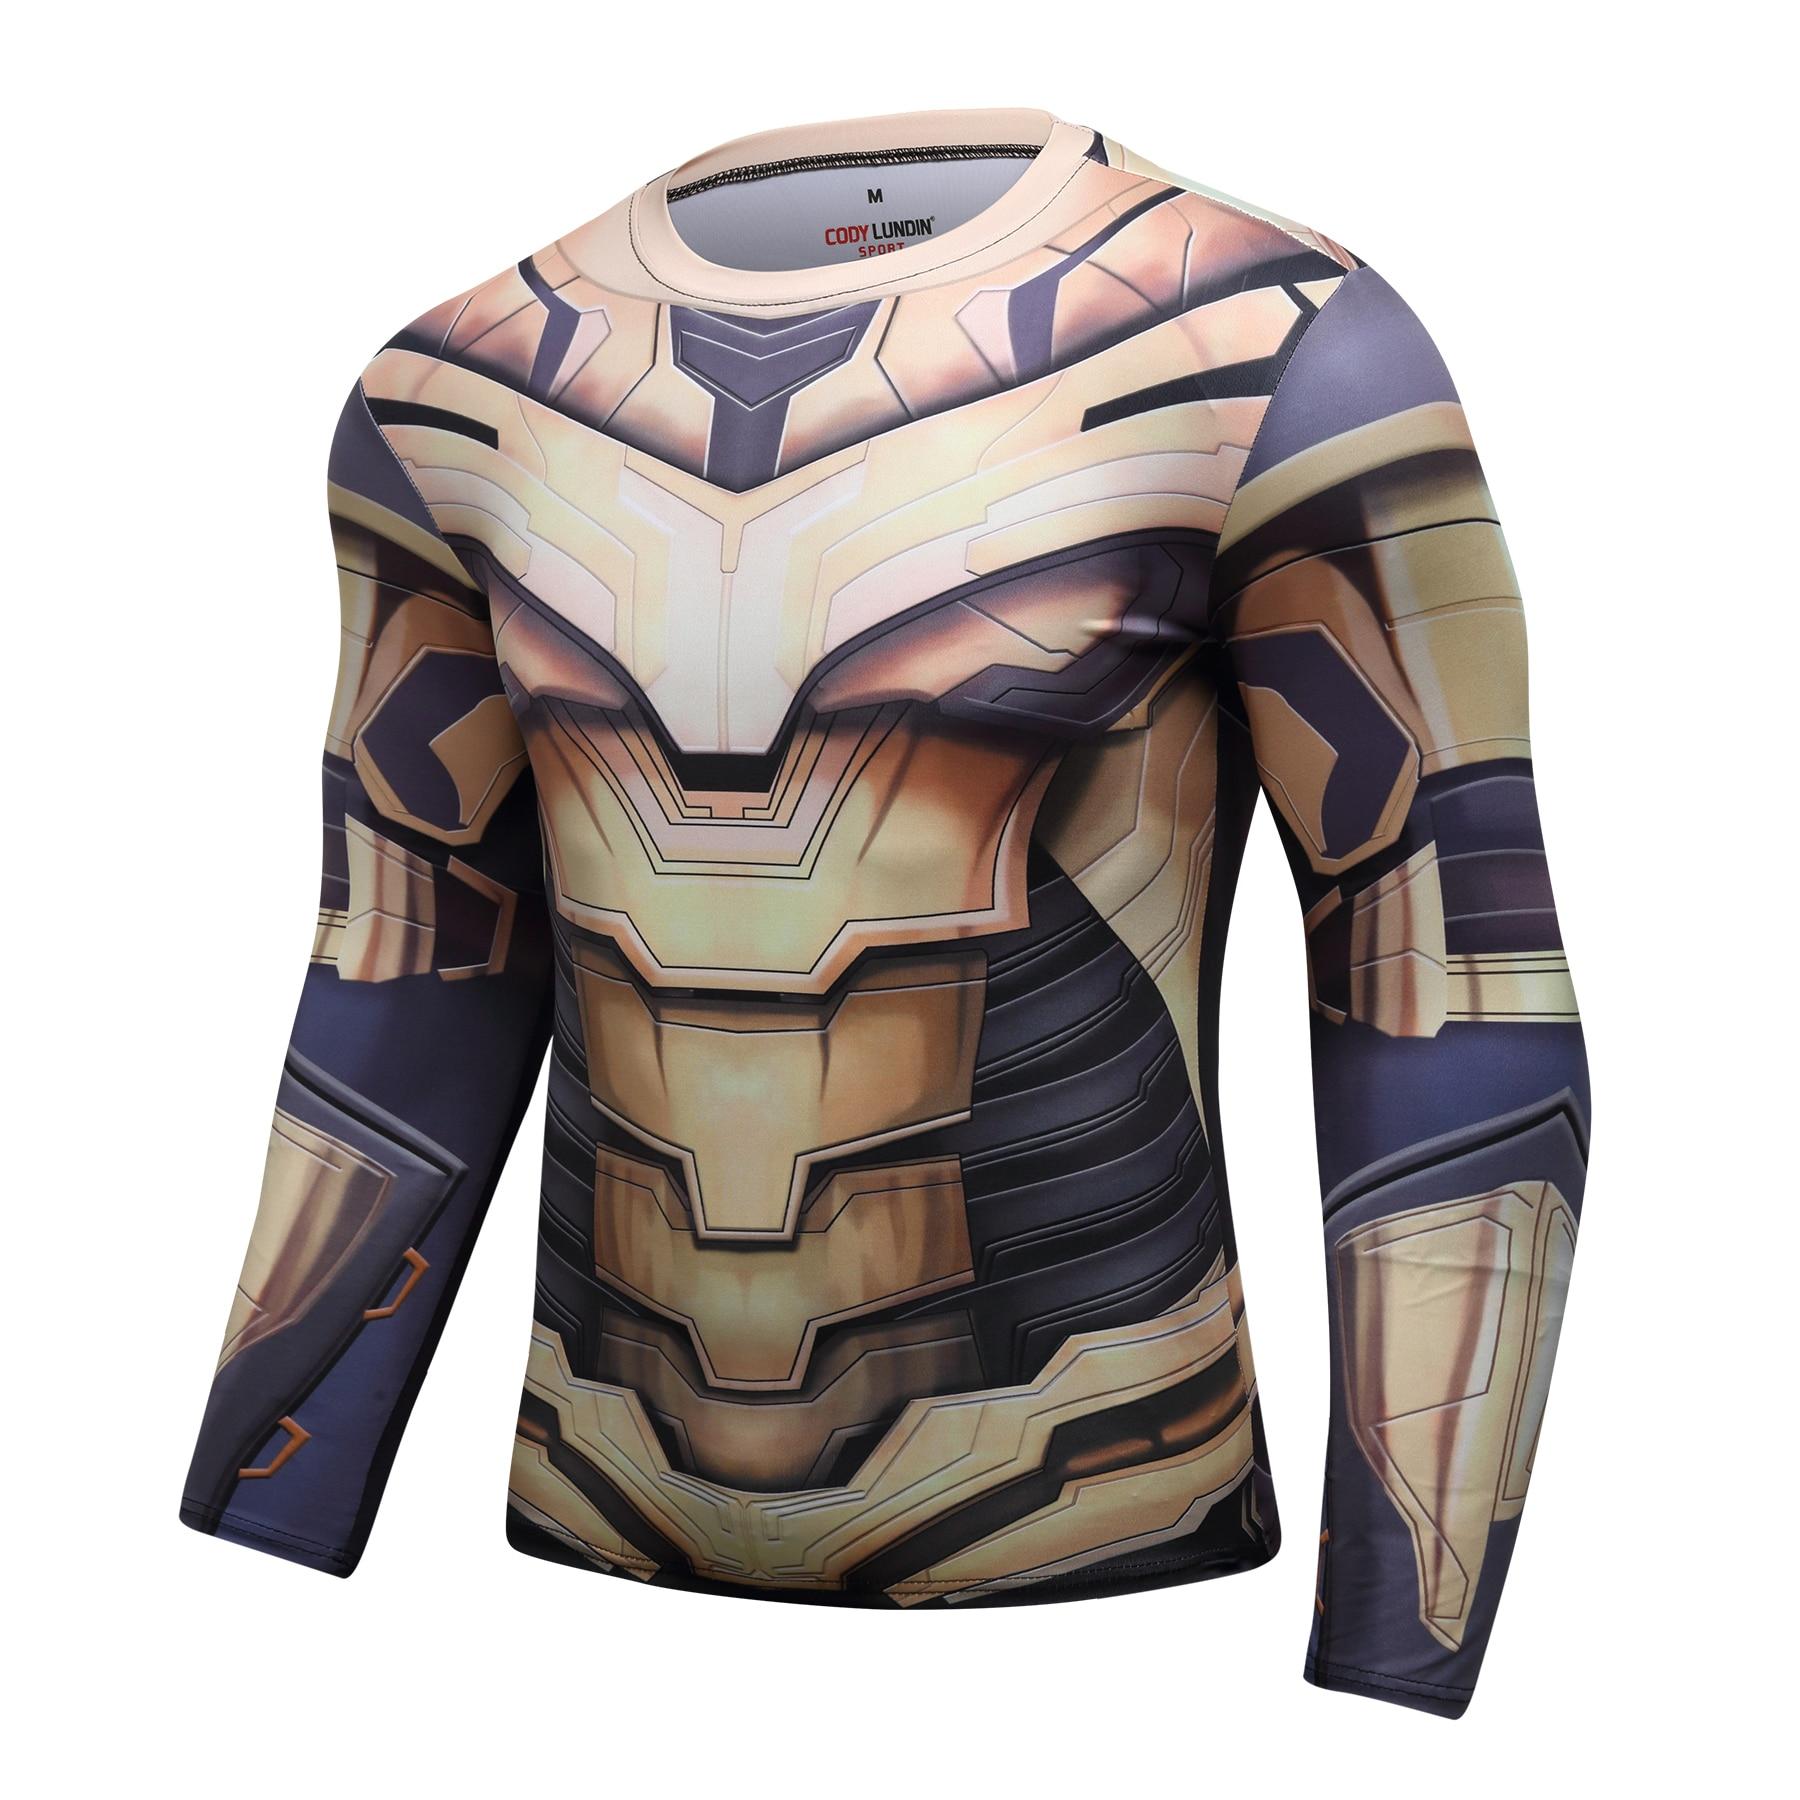 Endgame 4 Vingadores Thanos 3D Impresso camisetas Homens Camisa De Compressão Cosplay Traje Capitão América Manga Comprida Tops Para O Sexo Masculino